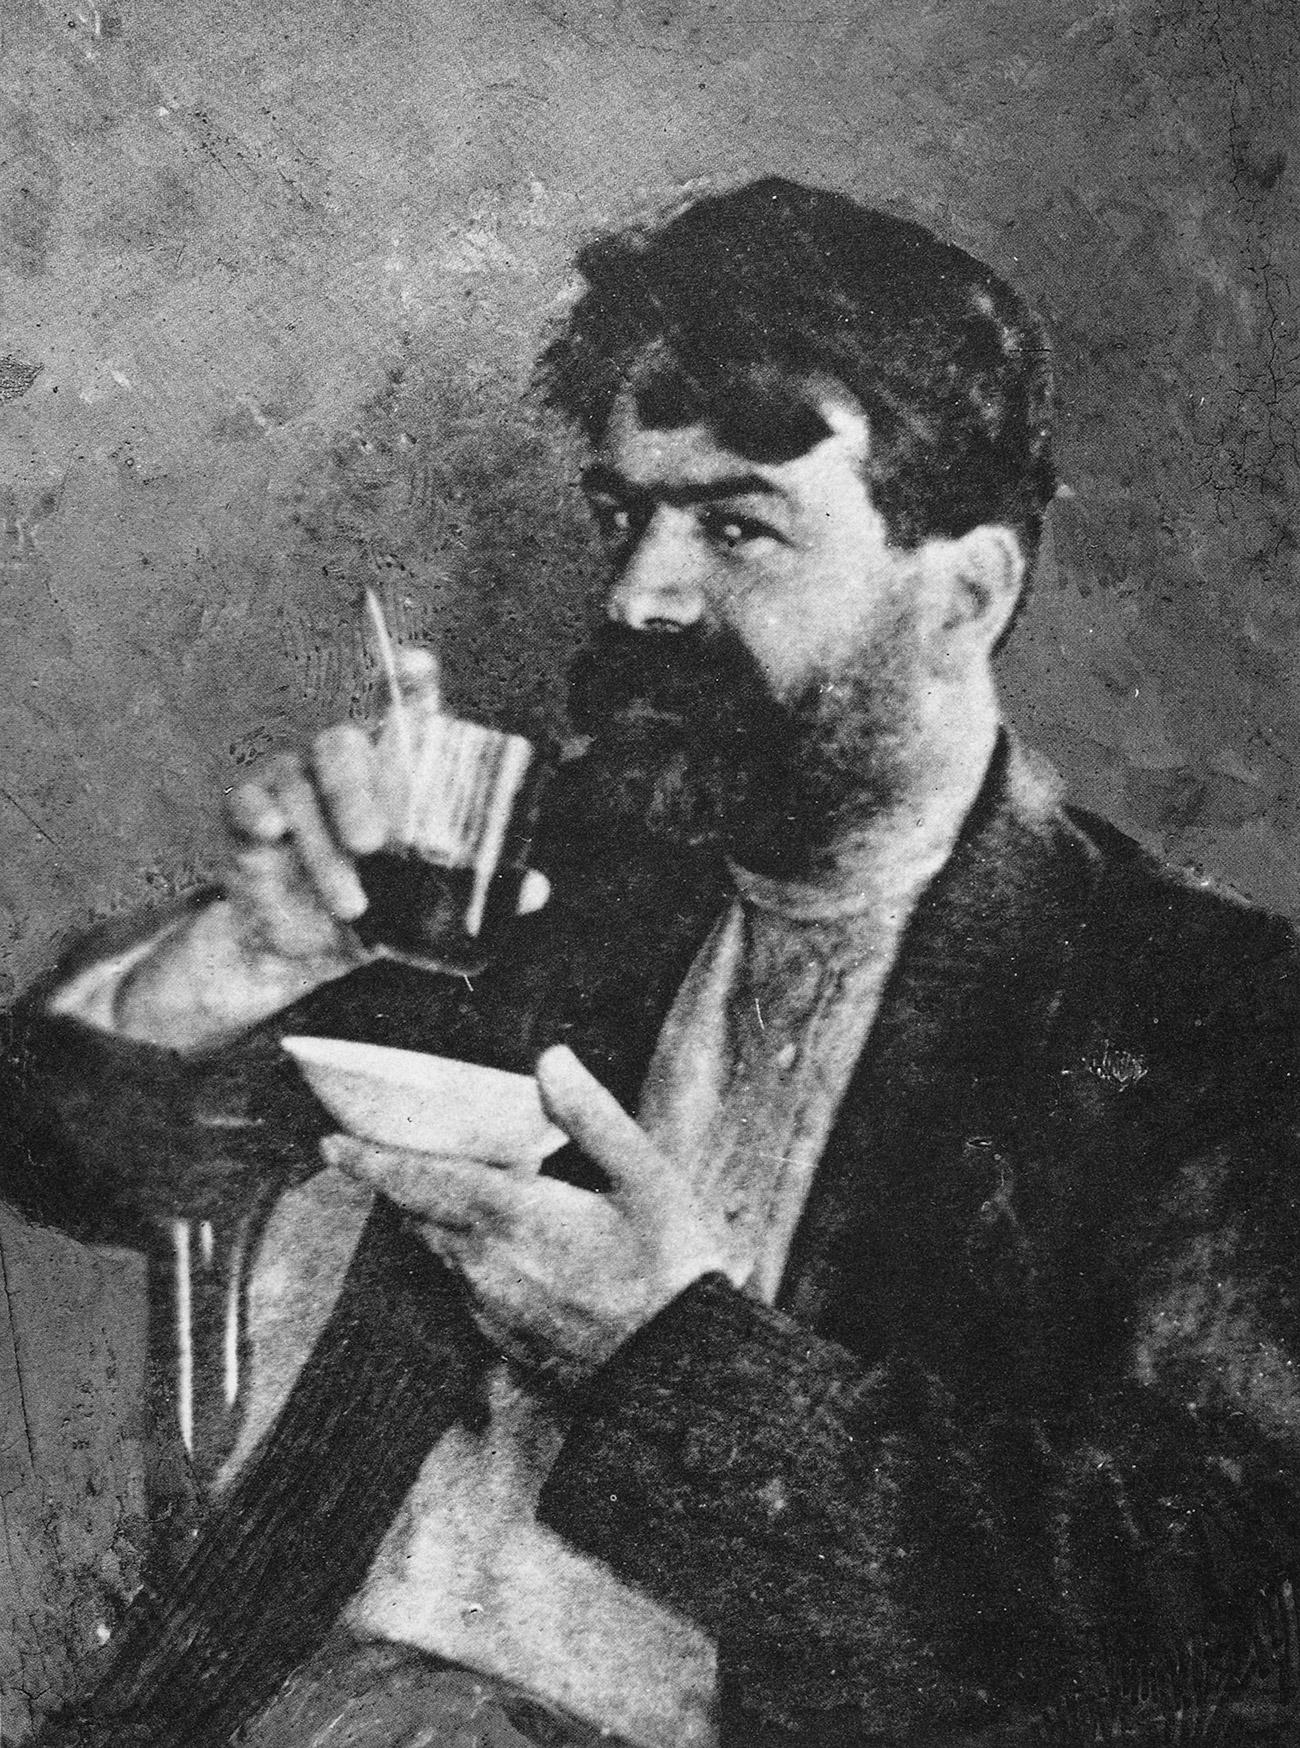 Yakov Yurovskij, incaricato della fucilazione della famiglia dello zar. Fonte: Getty Images